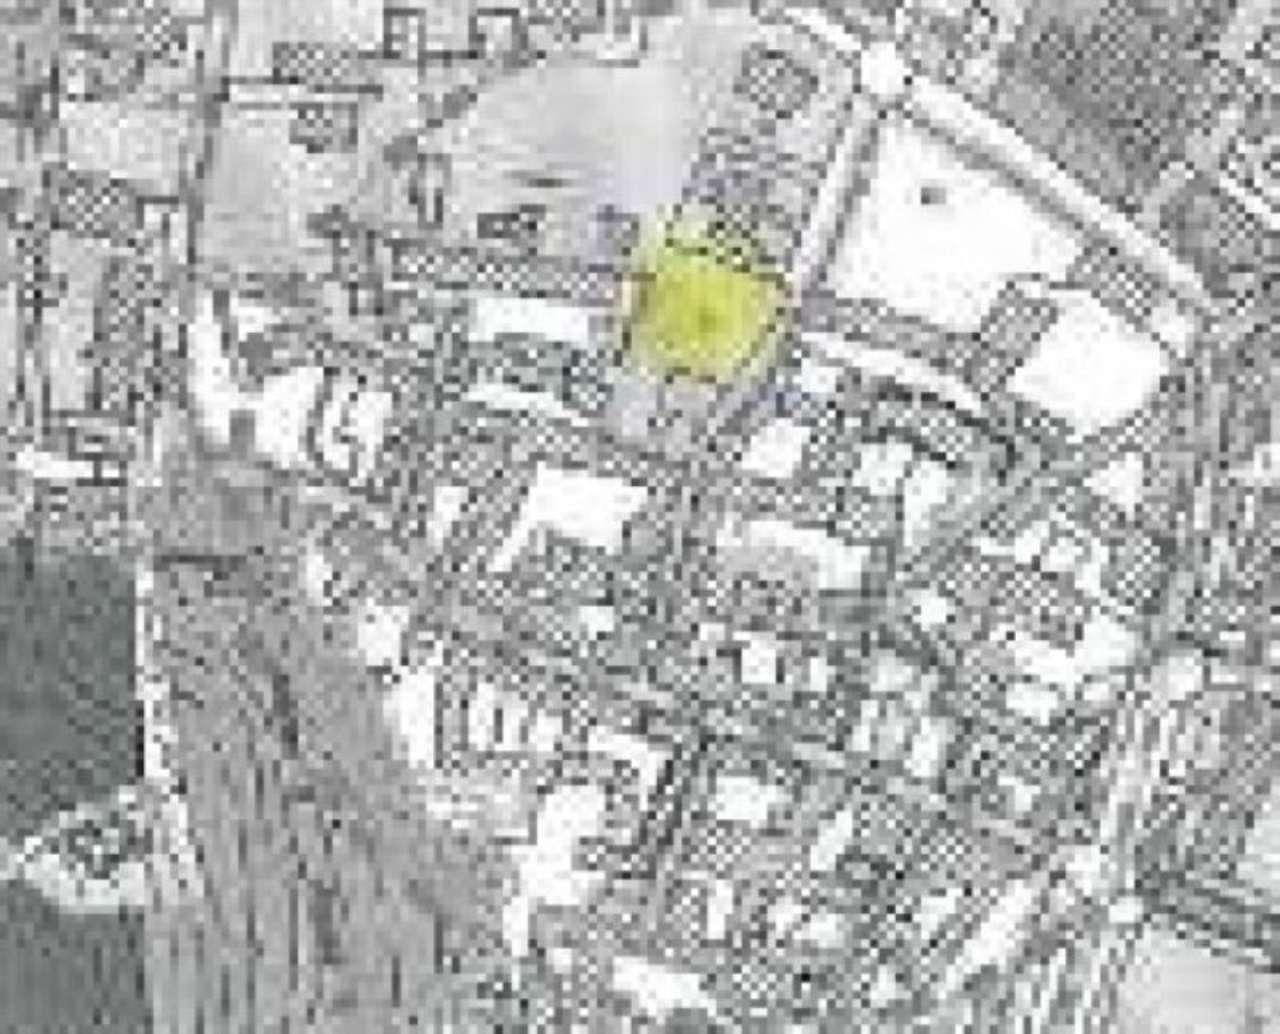 Terreno Edificabile Residenziale in vendita a Cairate, 9999 locali, prezzo € 69.000 | CambioCasa.it